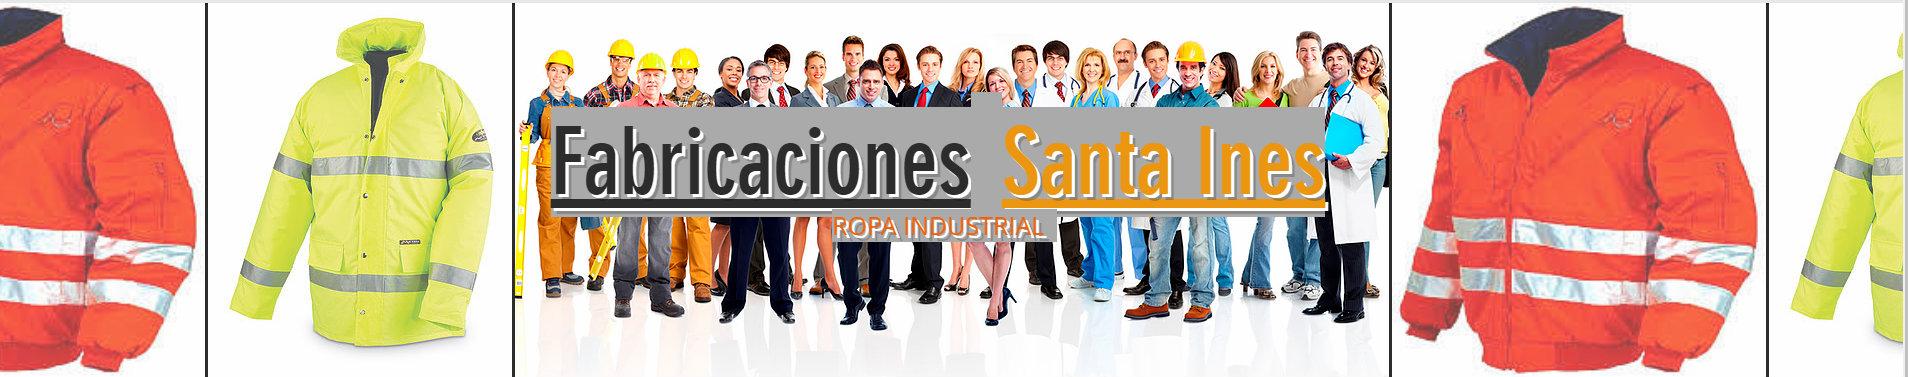 ropa industria, fabsi sac, chalecos, seguridad industrial, ropa de trabajo